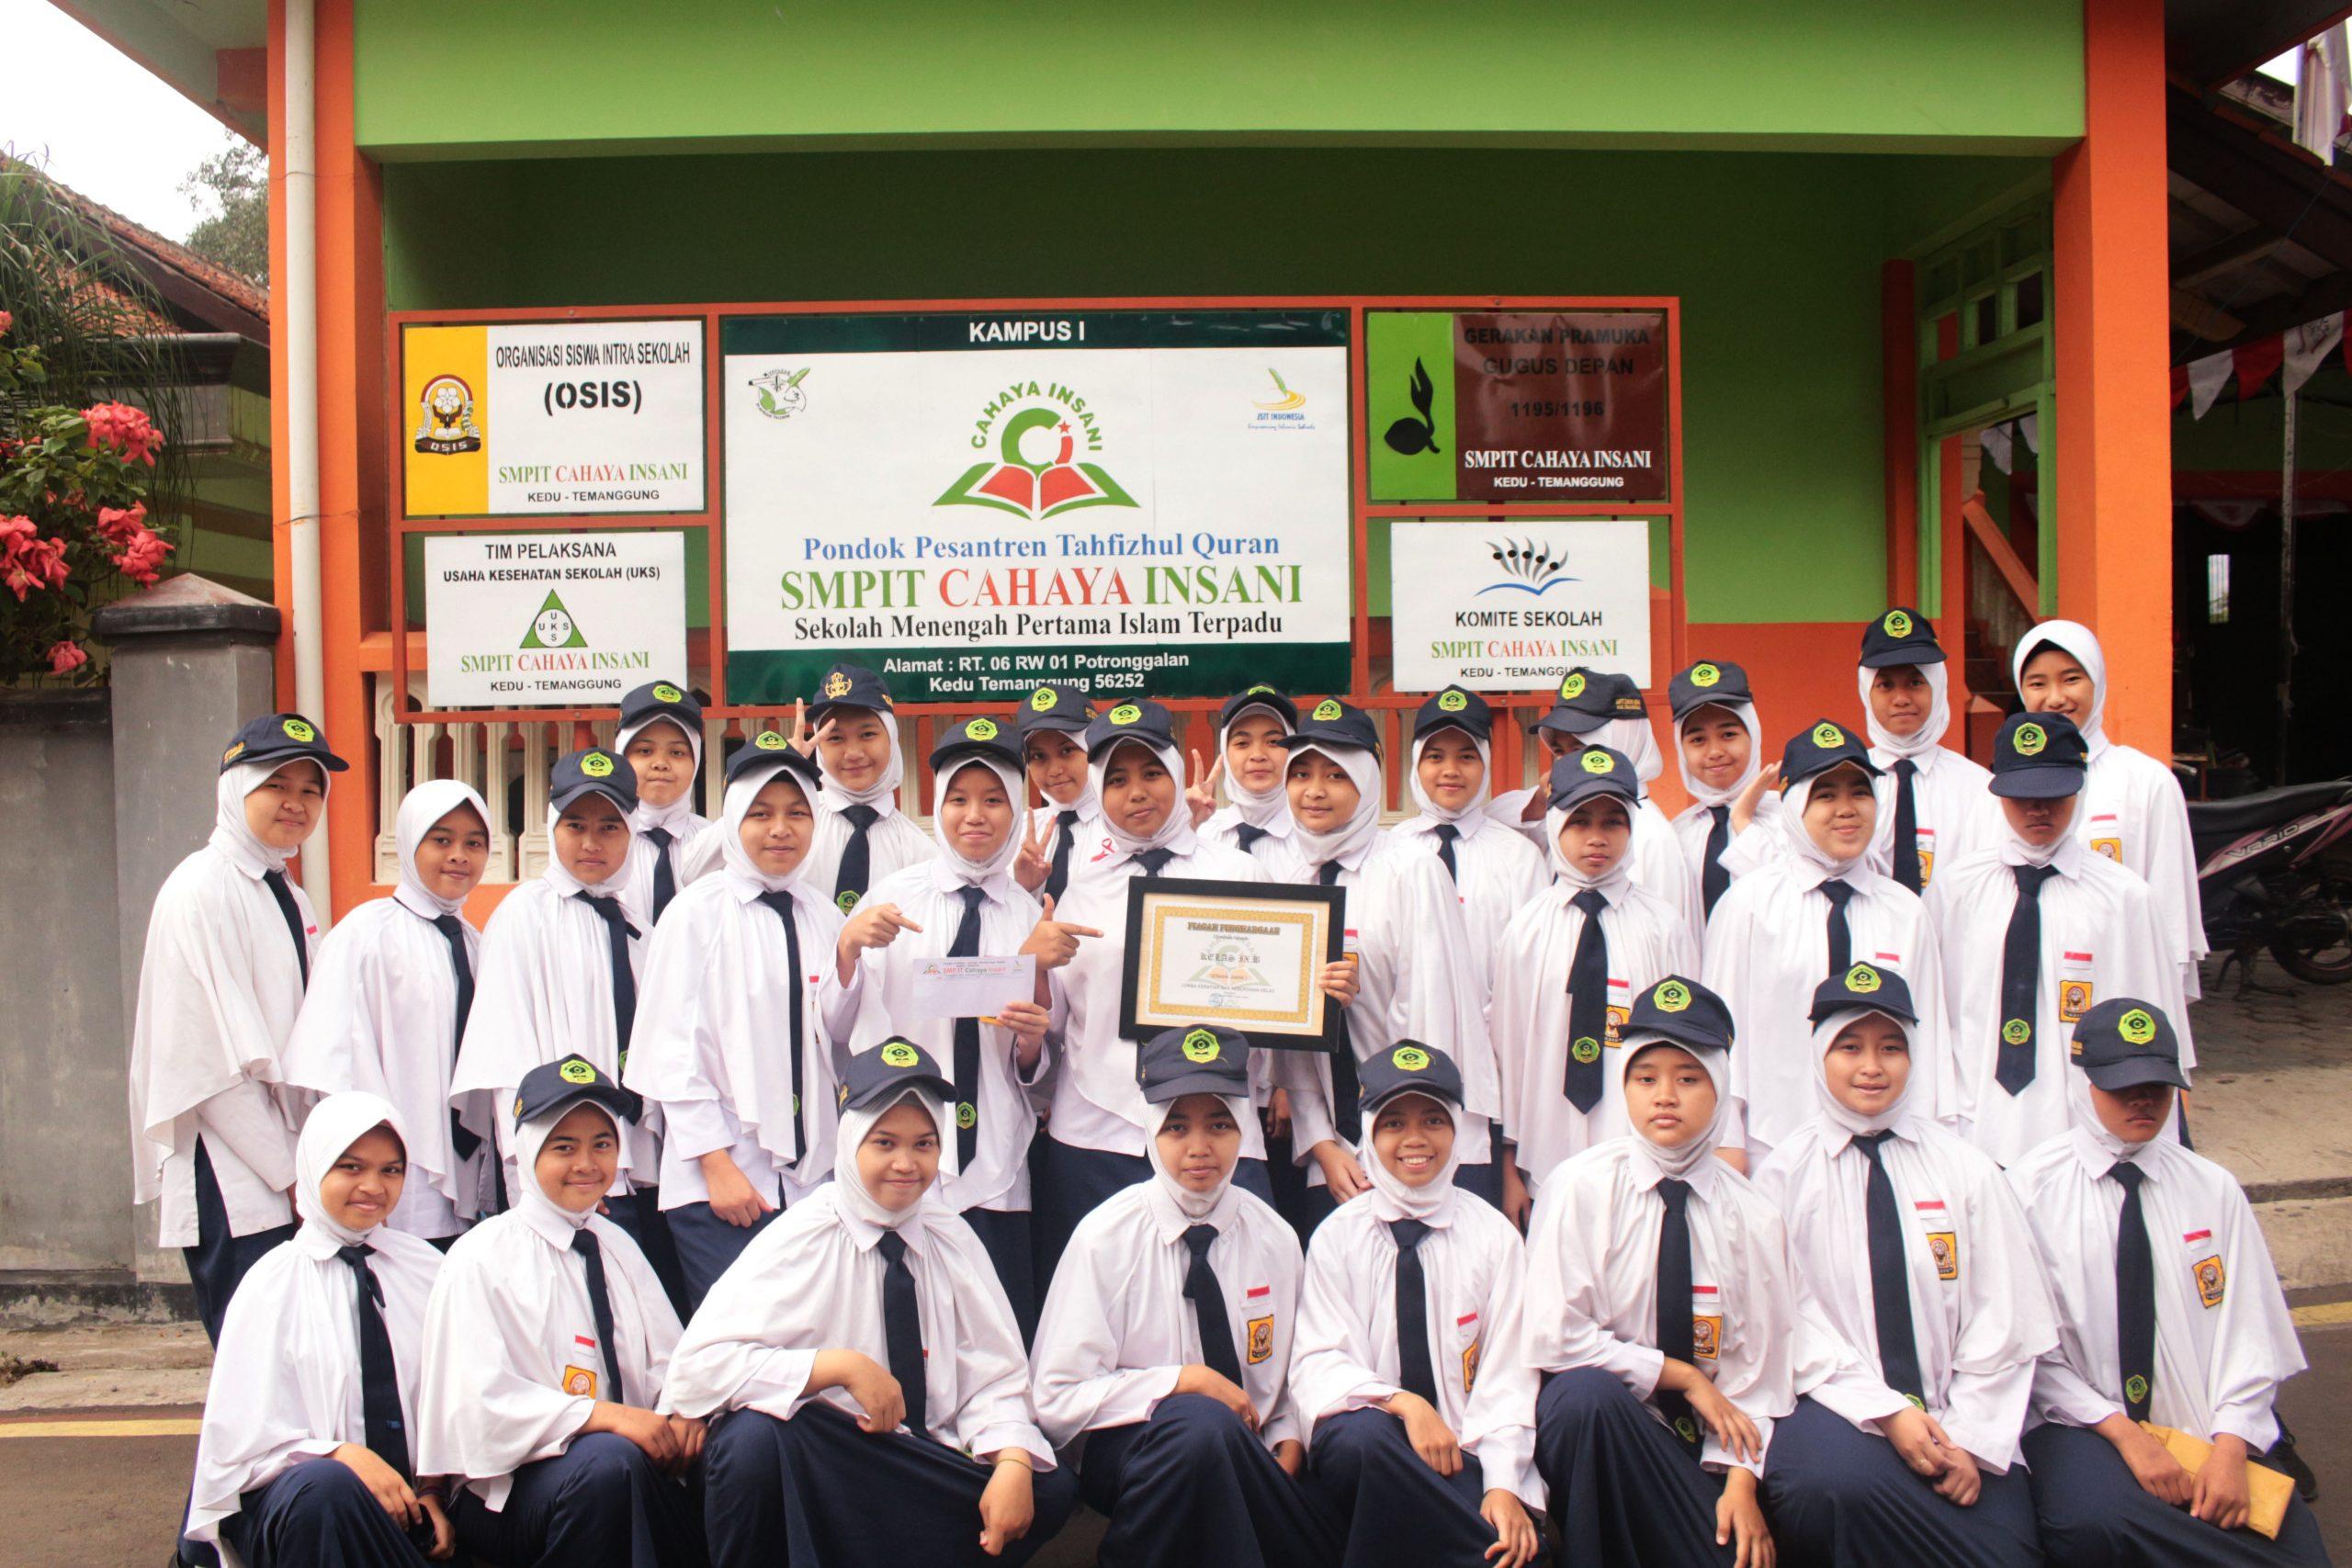 Profil Sekolah dan Pondok